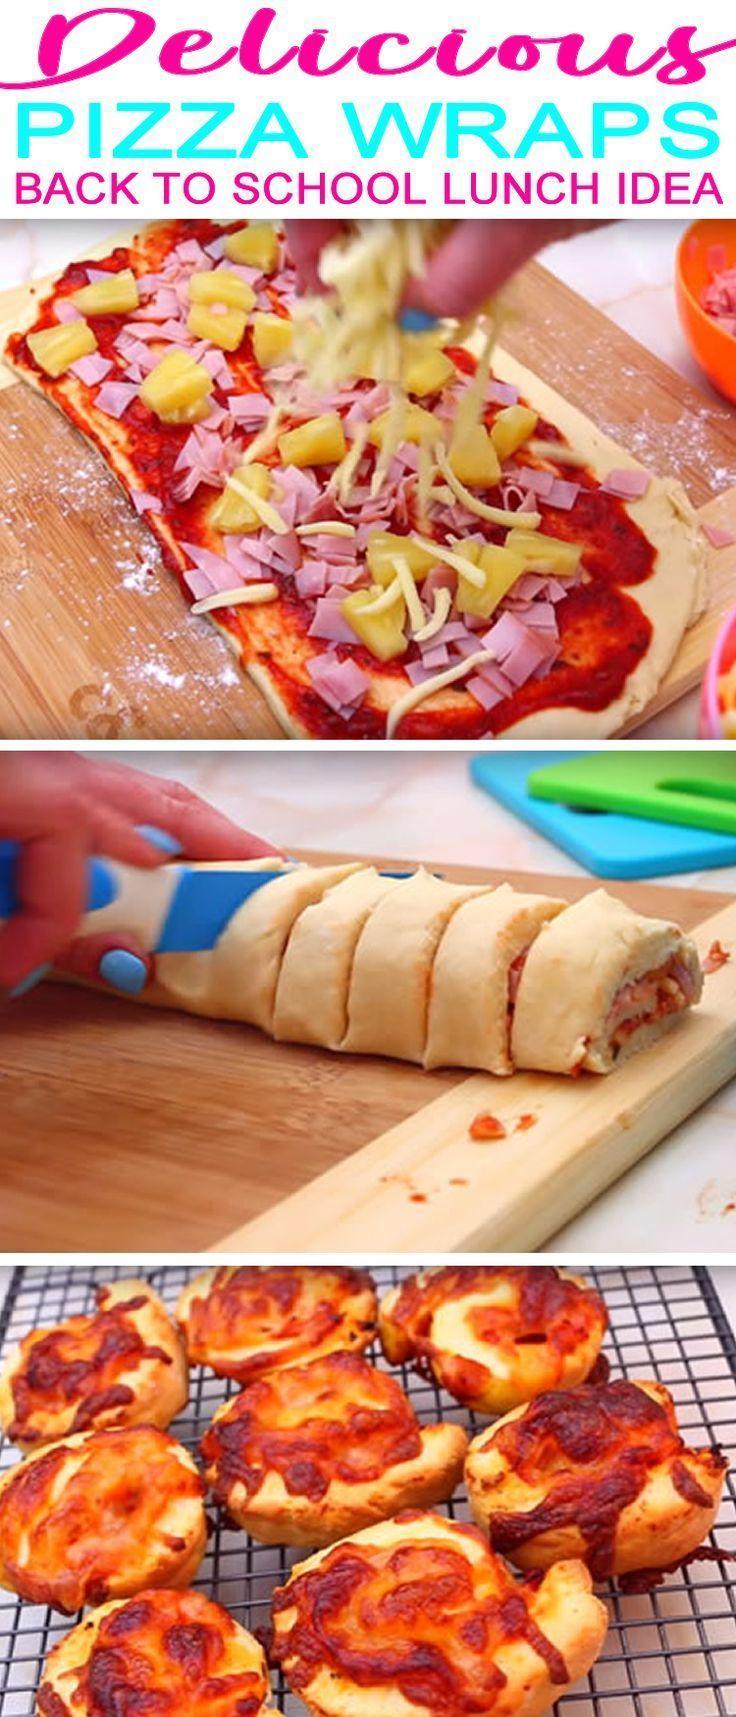 #Einfache #Grab #Ideen #Lunch #Schule #Einfache Ideen für ein Mittagessen in der Schule! Suche nach…   – rezepte